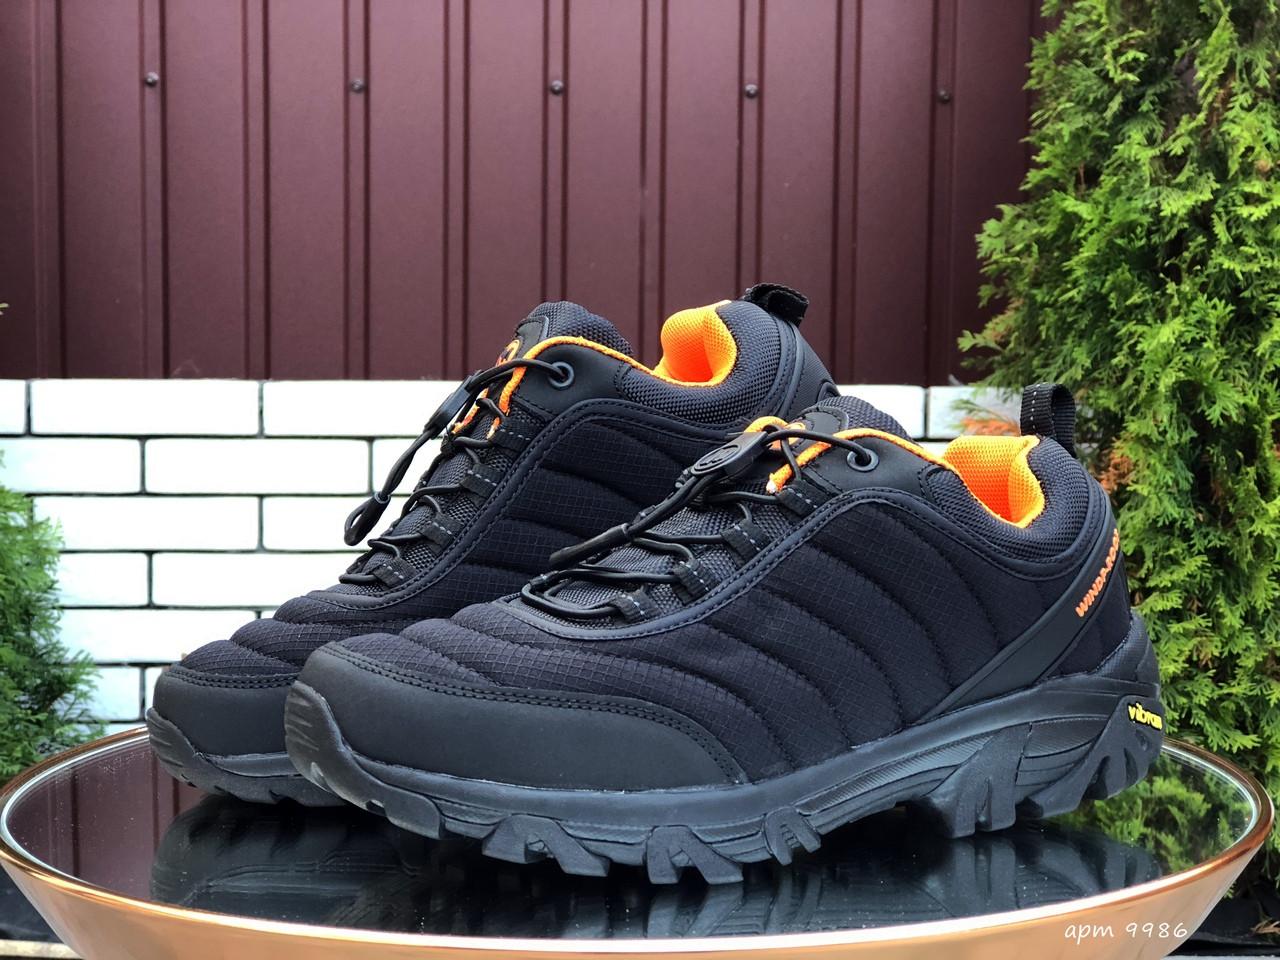 Кросівки чоловічі в стилі Merrell чорні з помаранчевим ( термо )